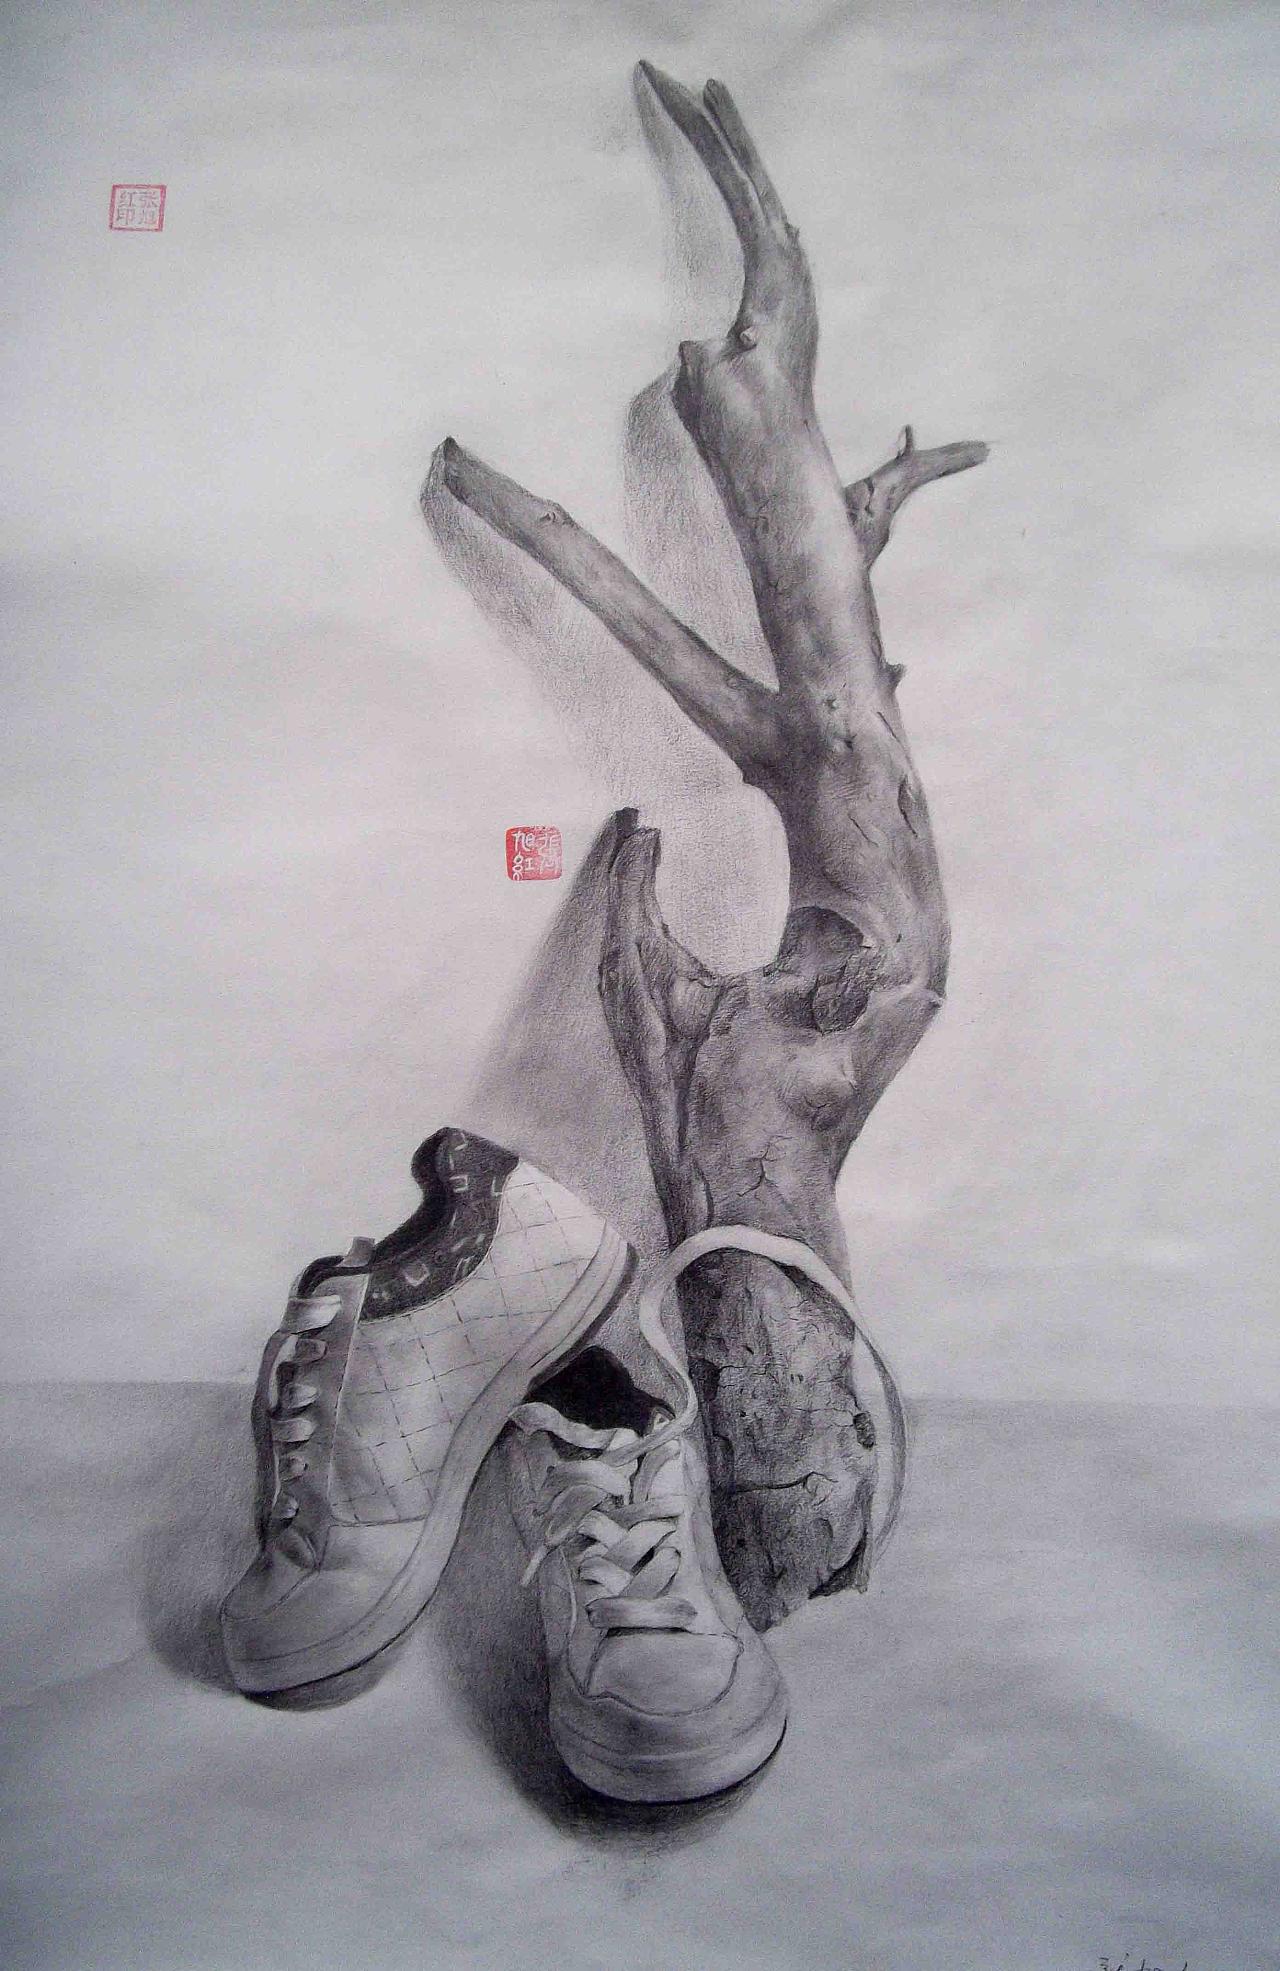 静物 树 鞋 素描